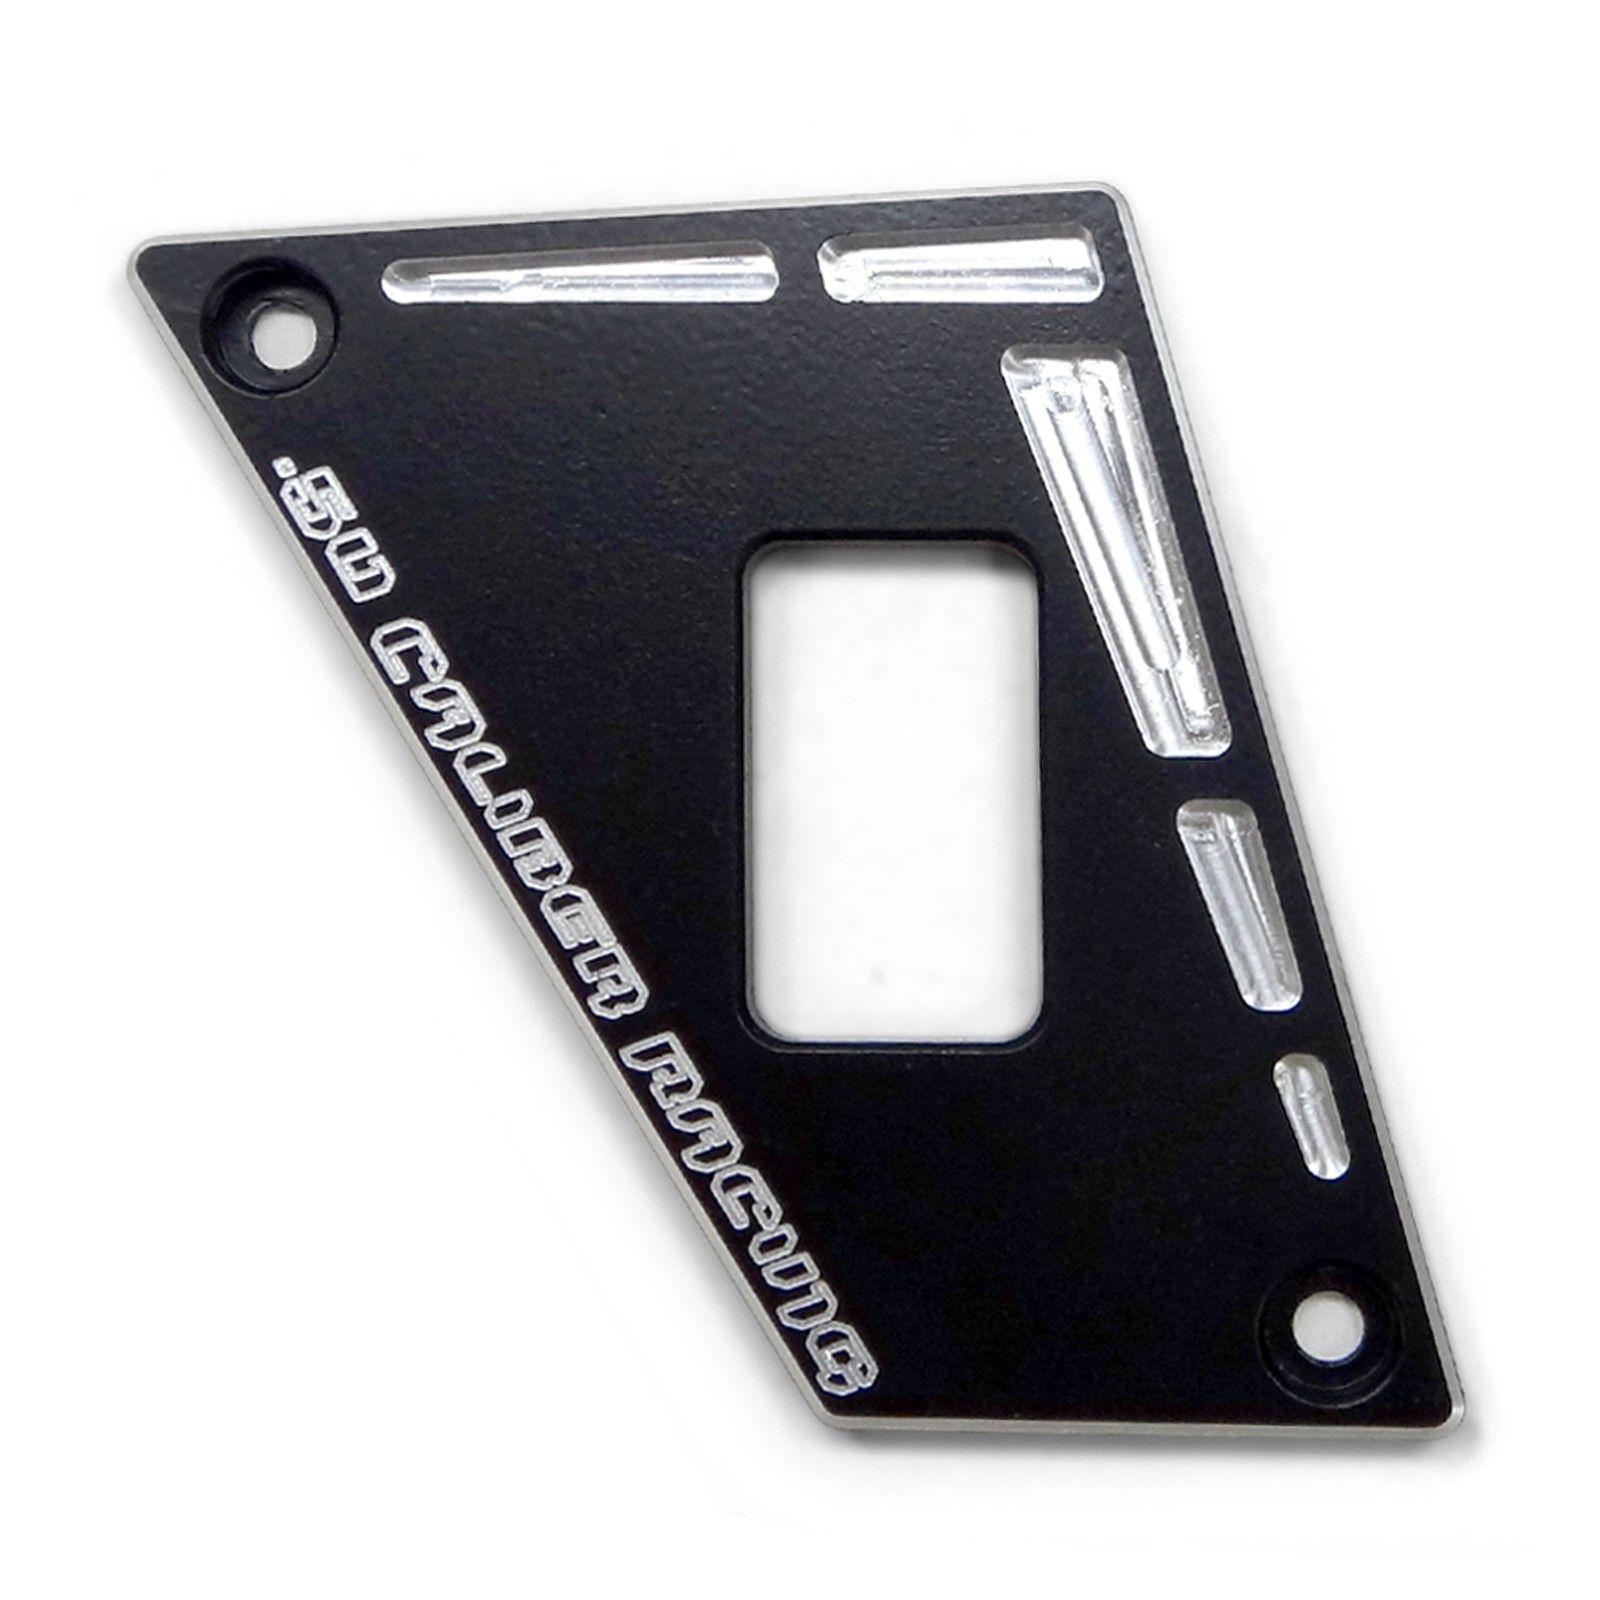 Polaris RZR 170 CNC Billet Aluminum Dash Panel available in